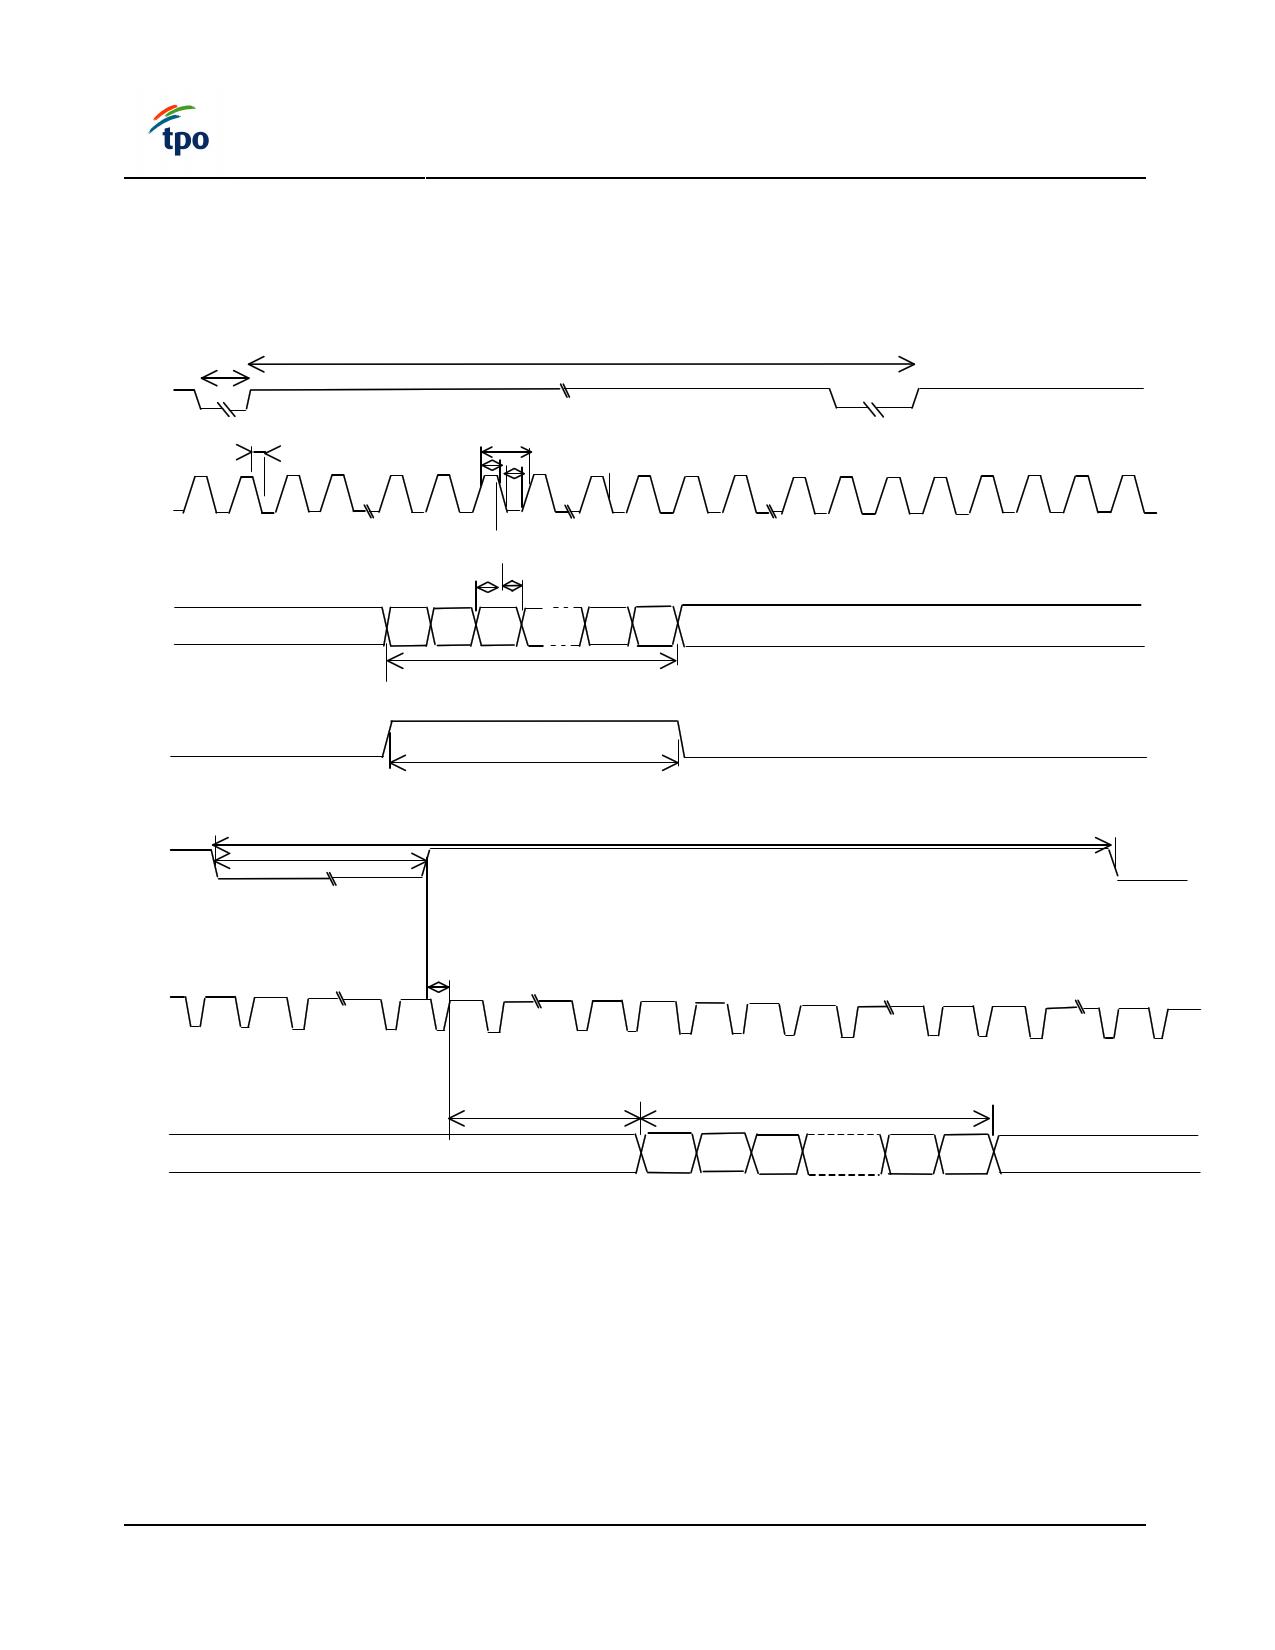 TD080WGCA1 arduino